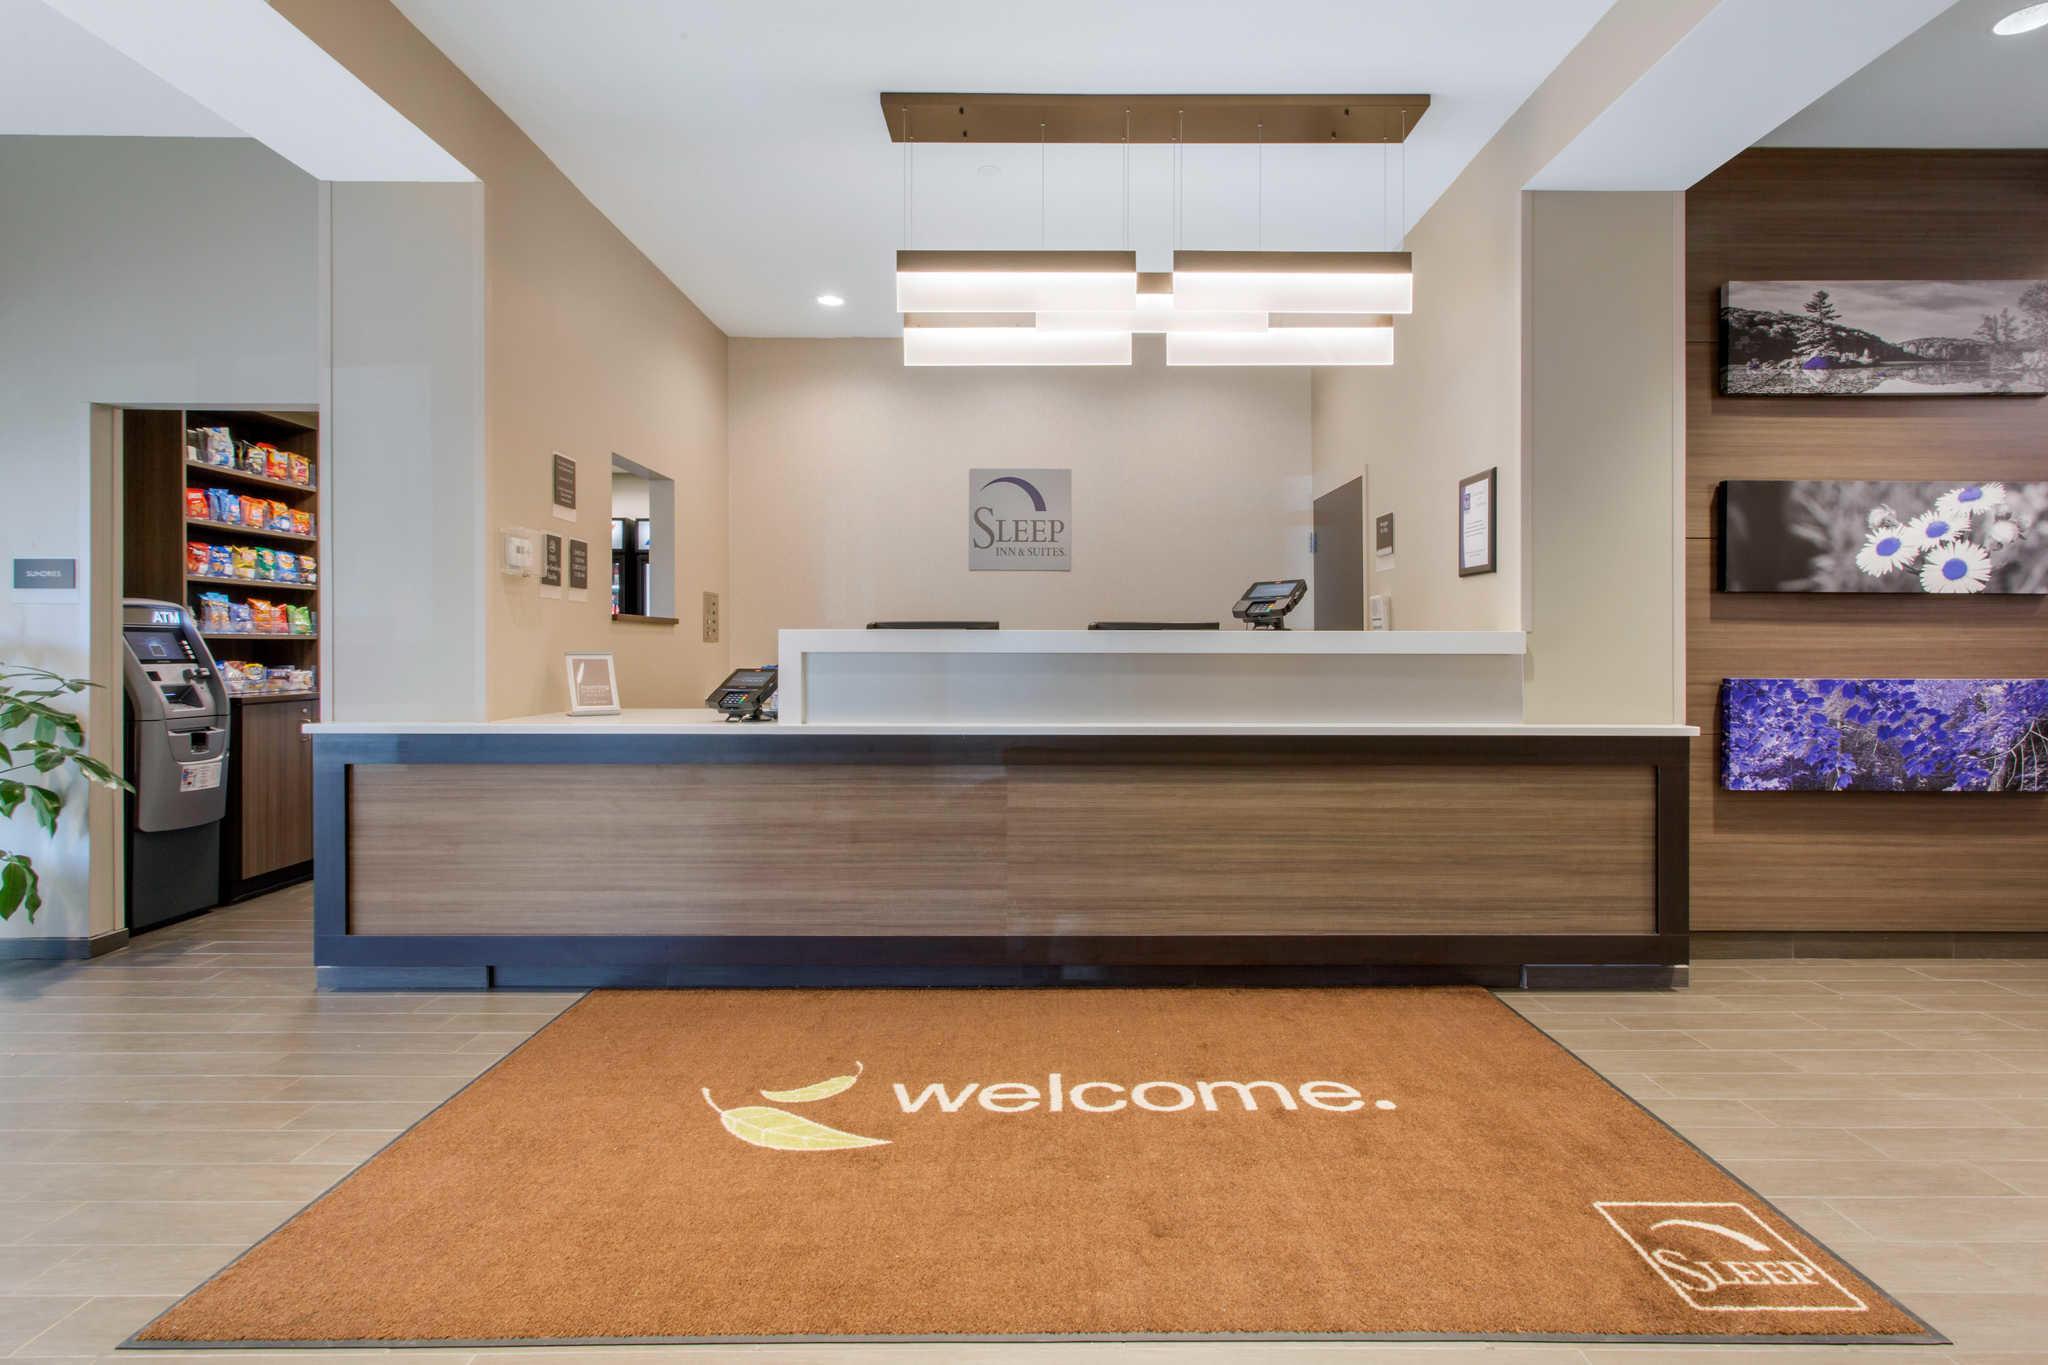 Sleep Inn & Suites Monroe - Woodbury image 6